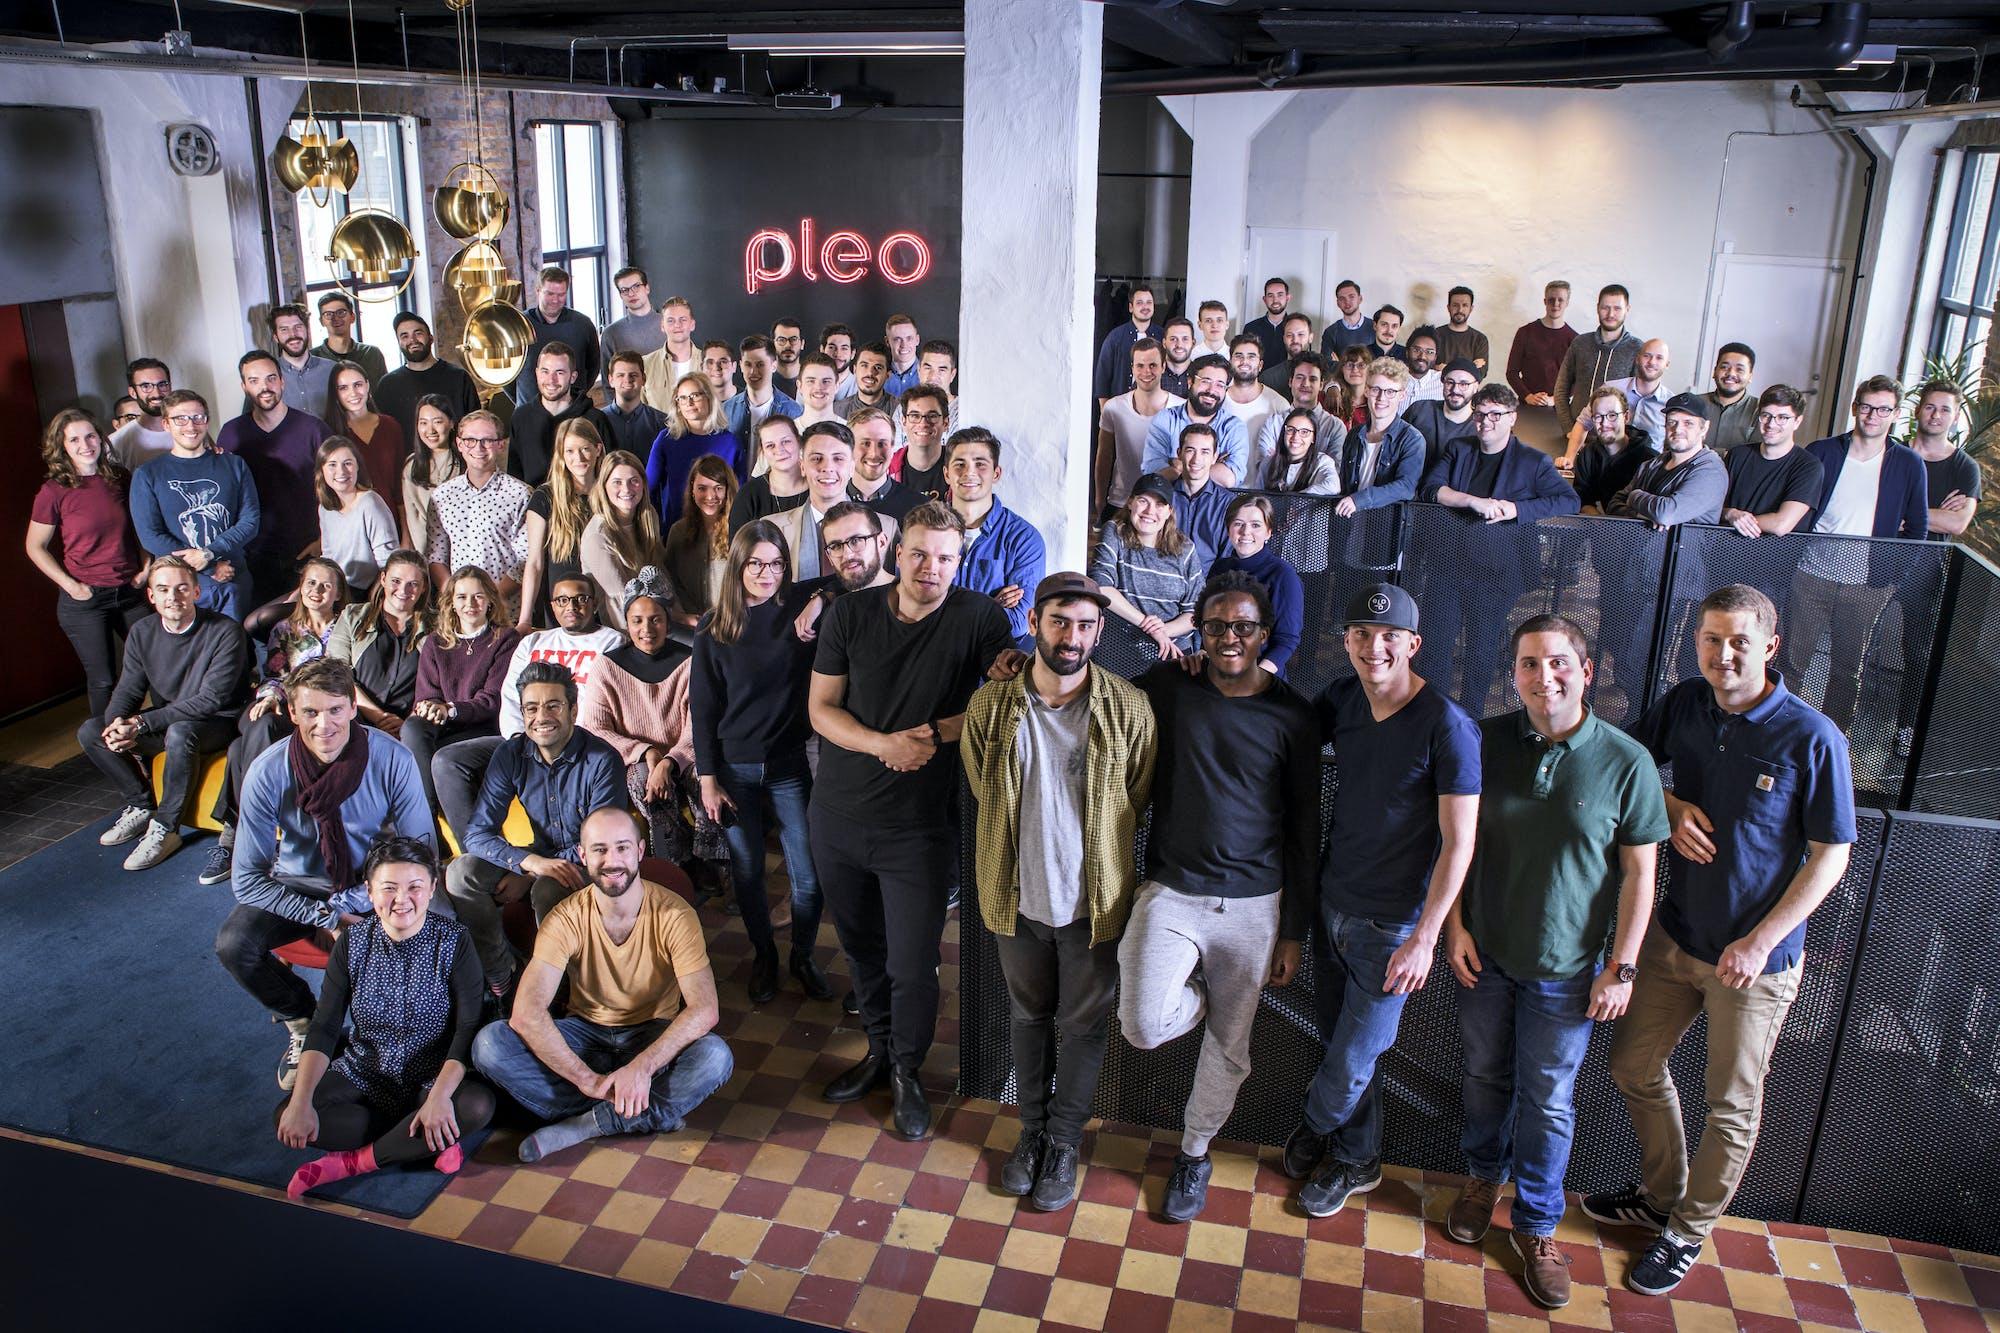 Pleo 1